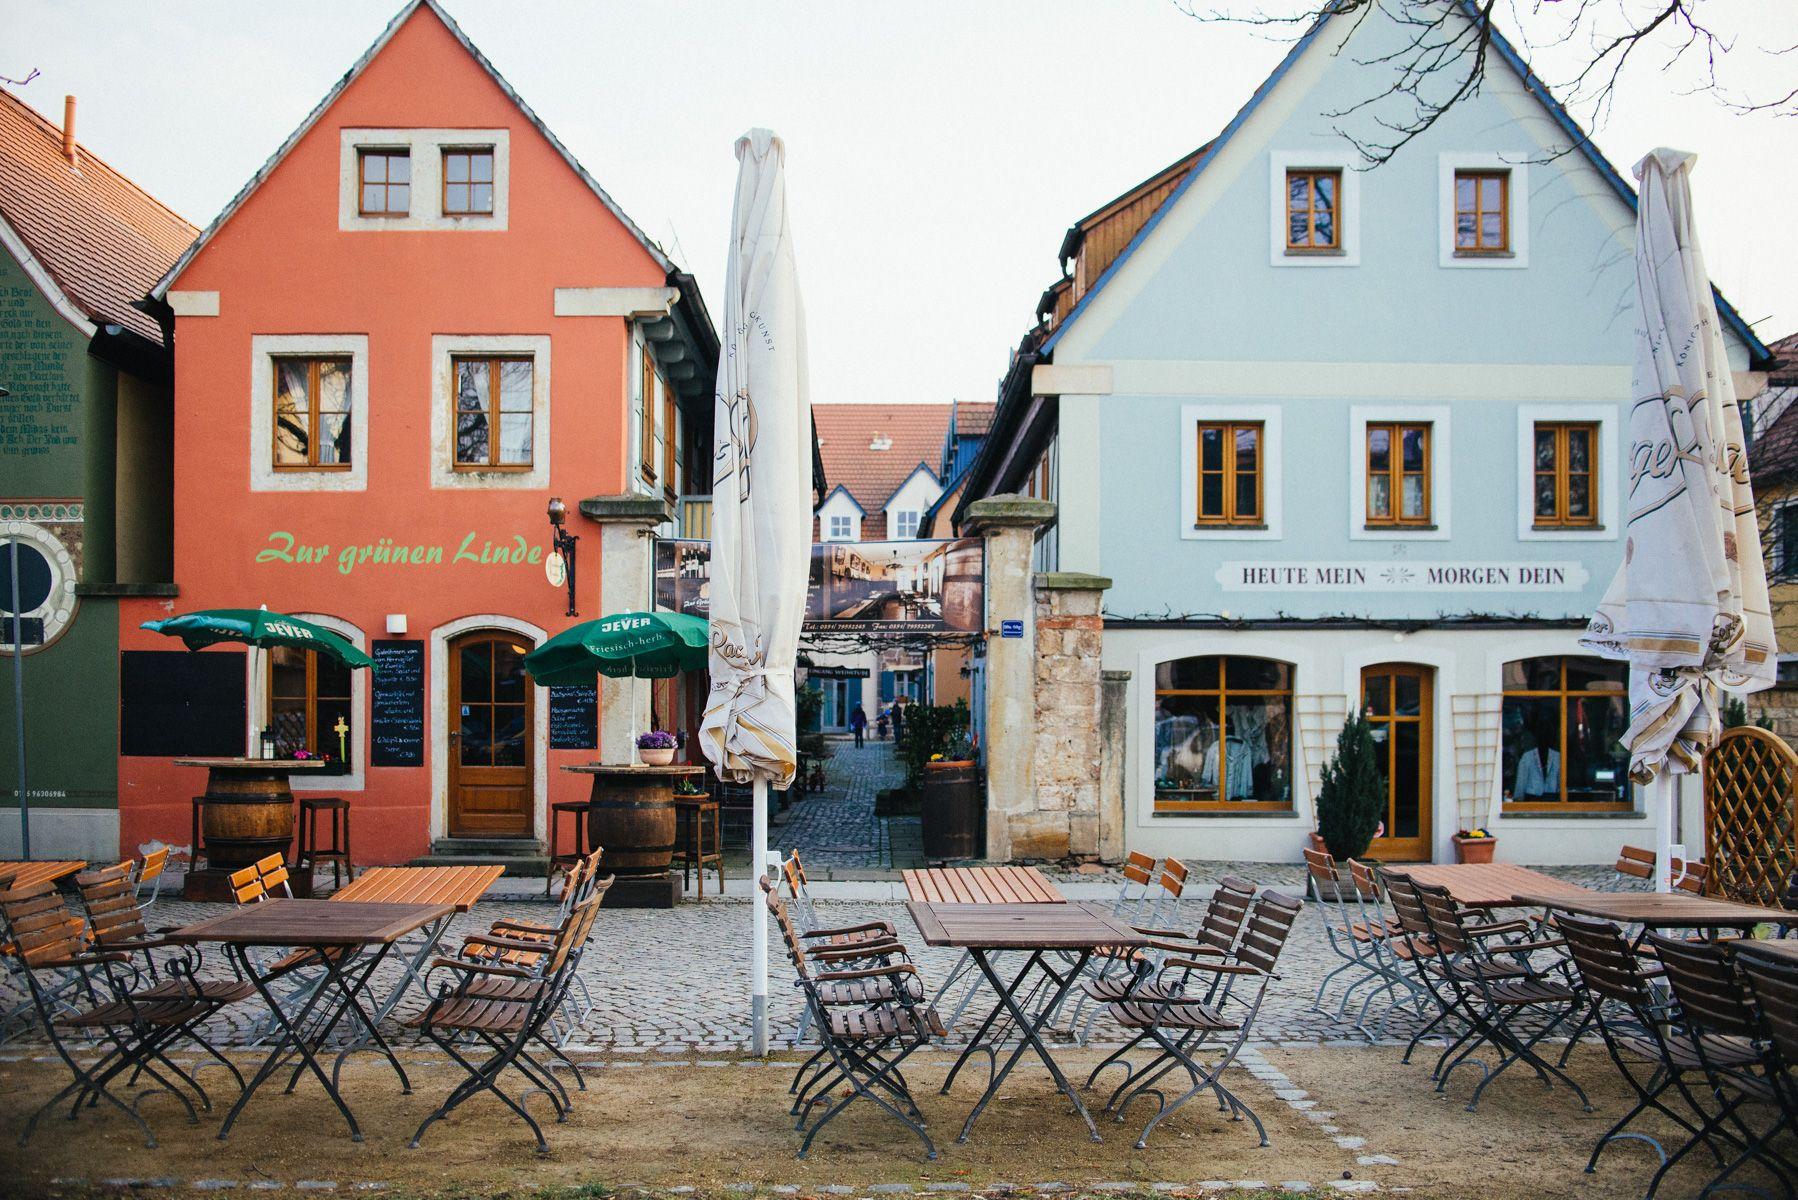 Pin Von Mariana Hattingh Auf Deutschland In 2020 Sonntagsspaziergang Spaziergange Dresden Deutschland